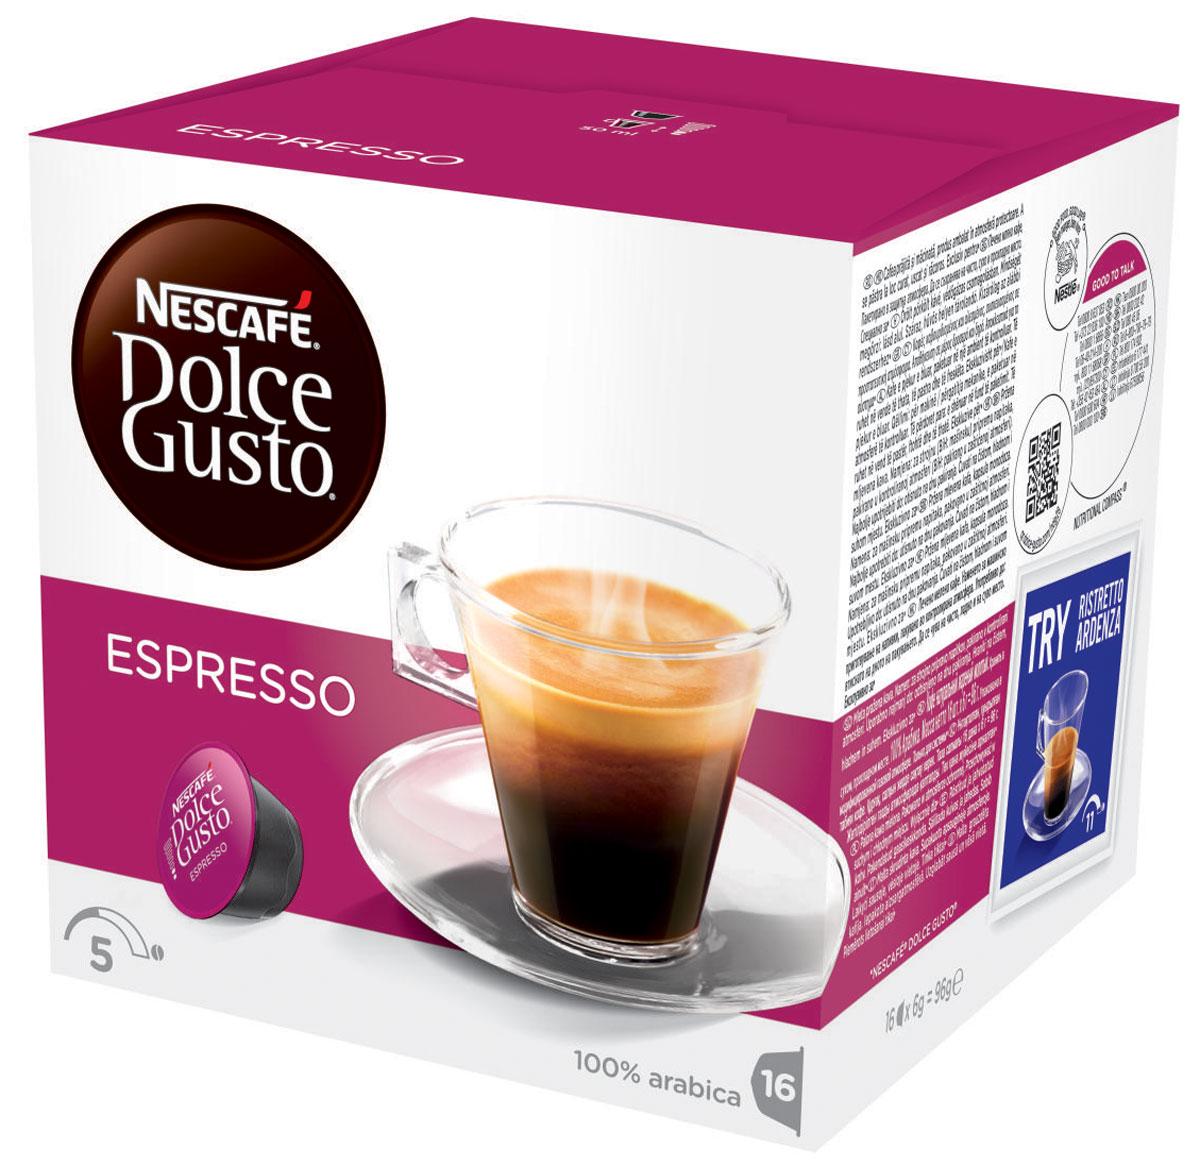 Nescafe Dolce Gusto Espresso кофе в капсулах, 16 шт0120710Крепкий аромат и насыщенный вкус кофе с бархатистой пенкой – изумительное впечатление от Эспрессо. Кофе в капсулах Nescafe Dolce Gusto Espresso – это самый классический вкус. Идеальный напиток для любого времени суток, будет ли чашечка эспрессо прекрасным дополнением к завтраку или завершением ужина с друзьями.